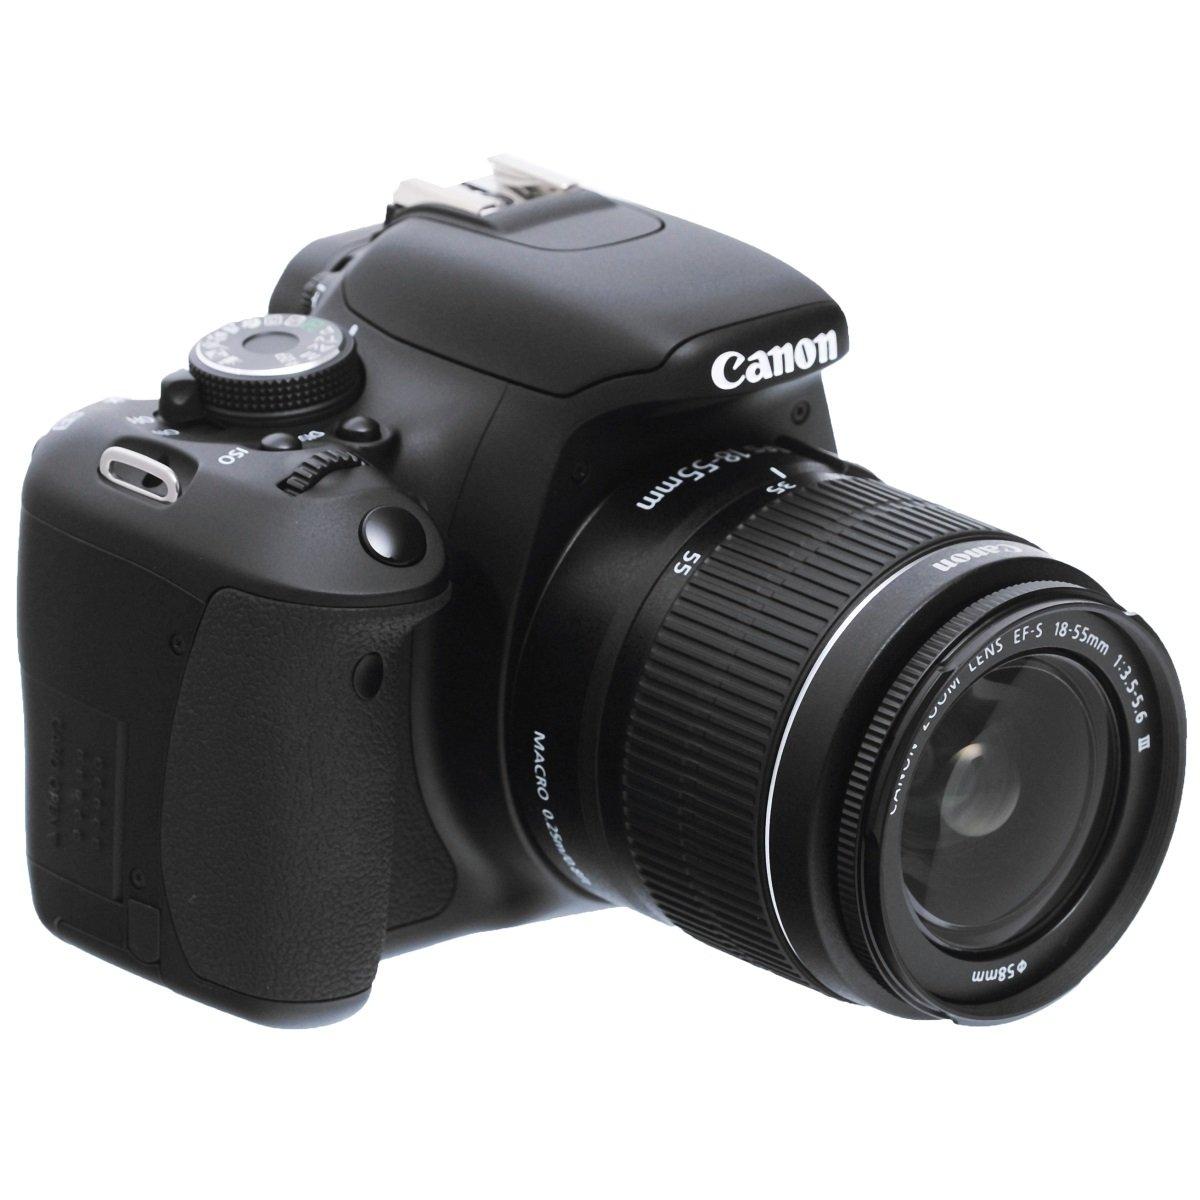 Canon EOS 600D Fotocamera Reflex Digitale 18 Megapixel con Obiettivo EF-S 18-55mm IS II product image